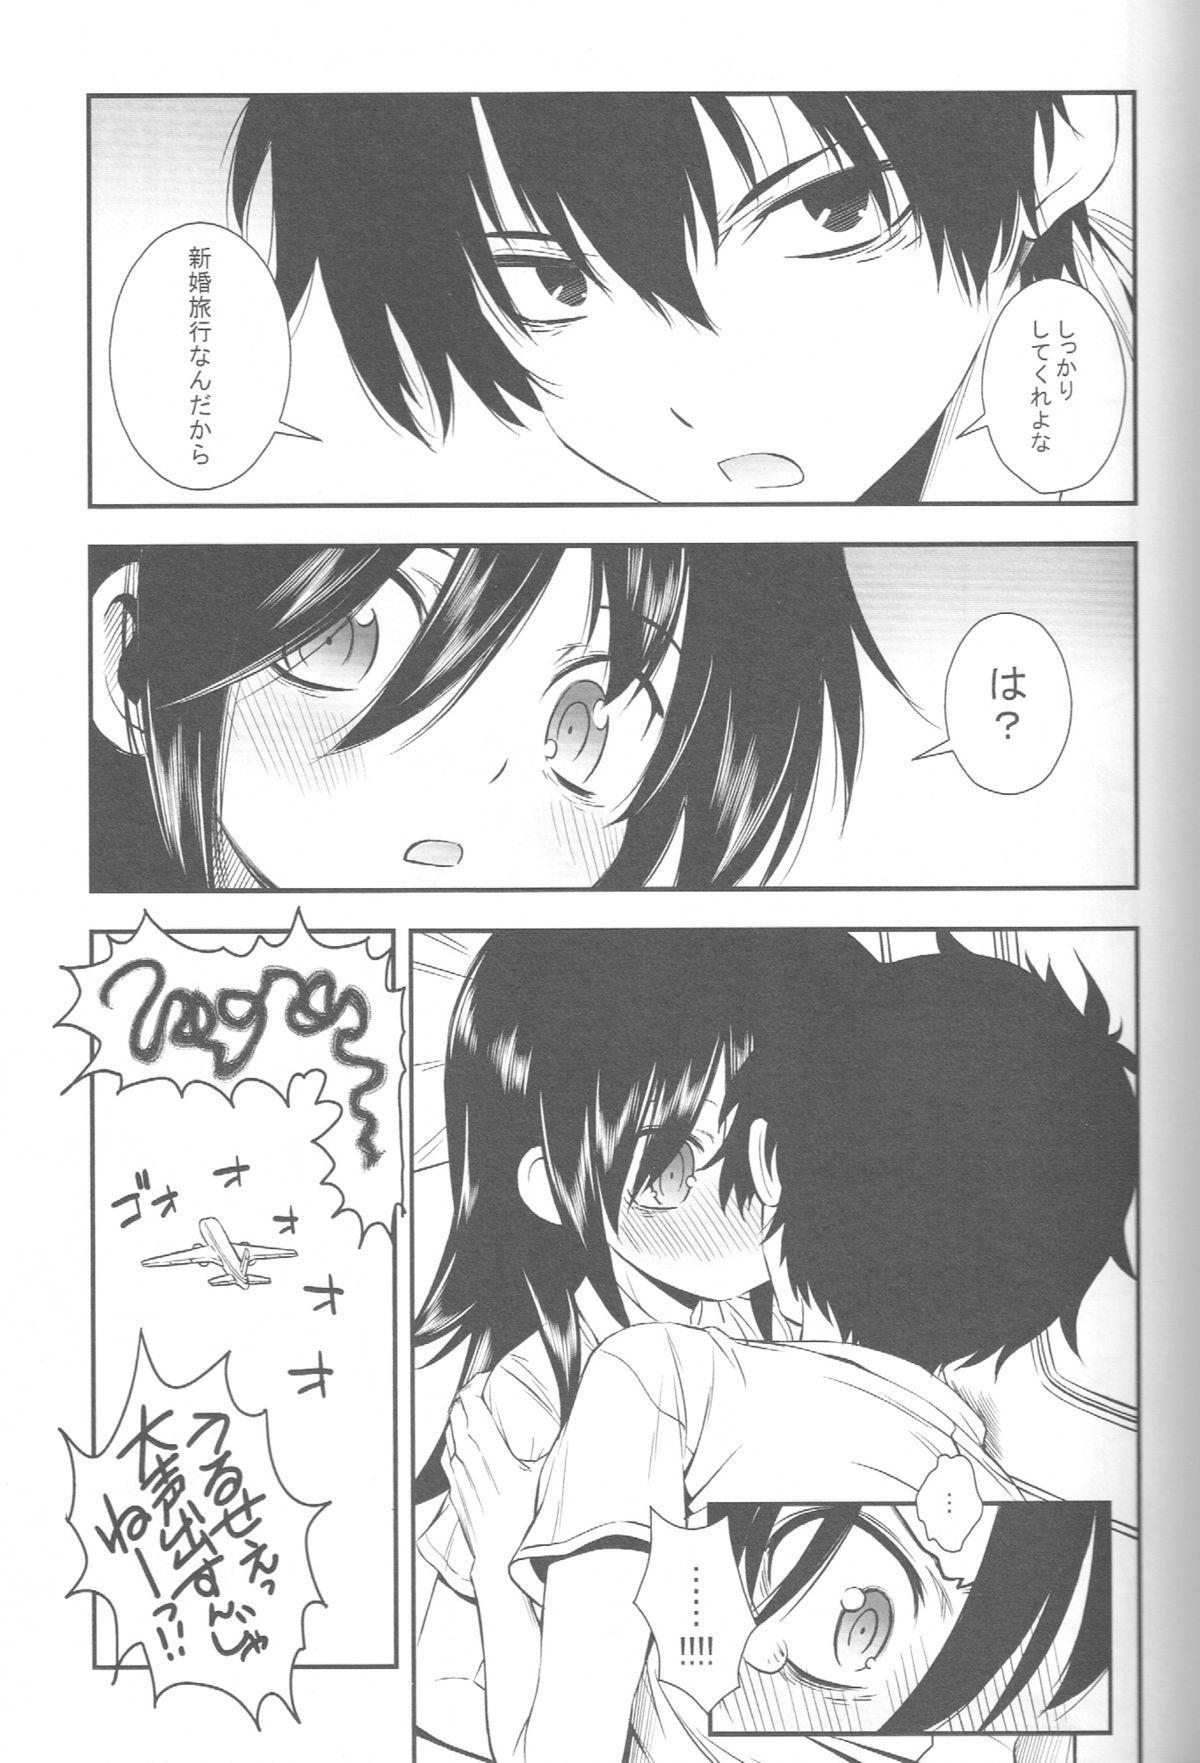 Nee-chan ga Kawaii kara Otouto ga Yokujou suru 5